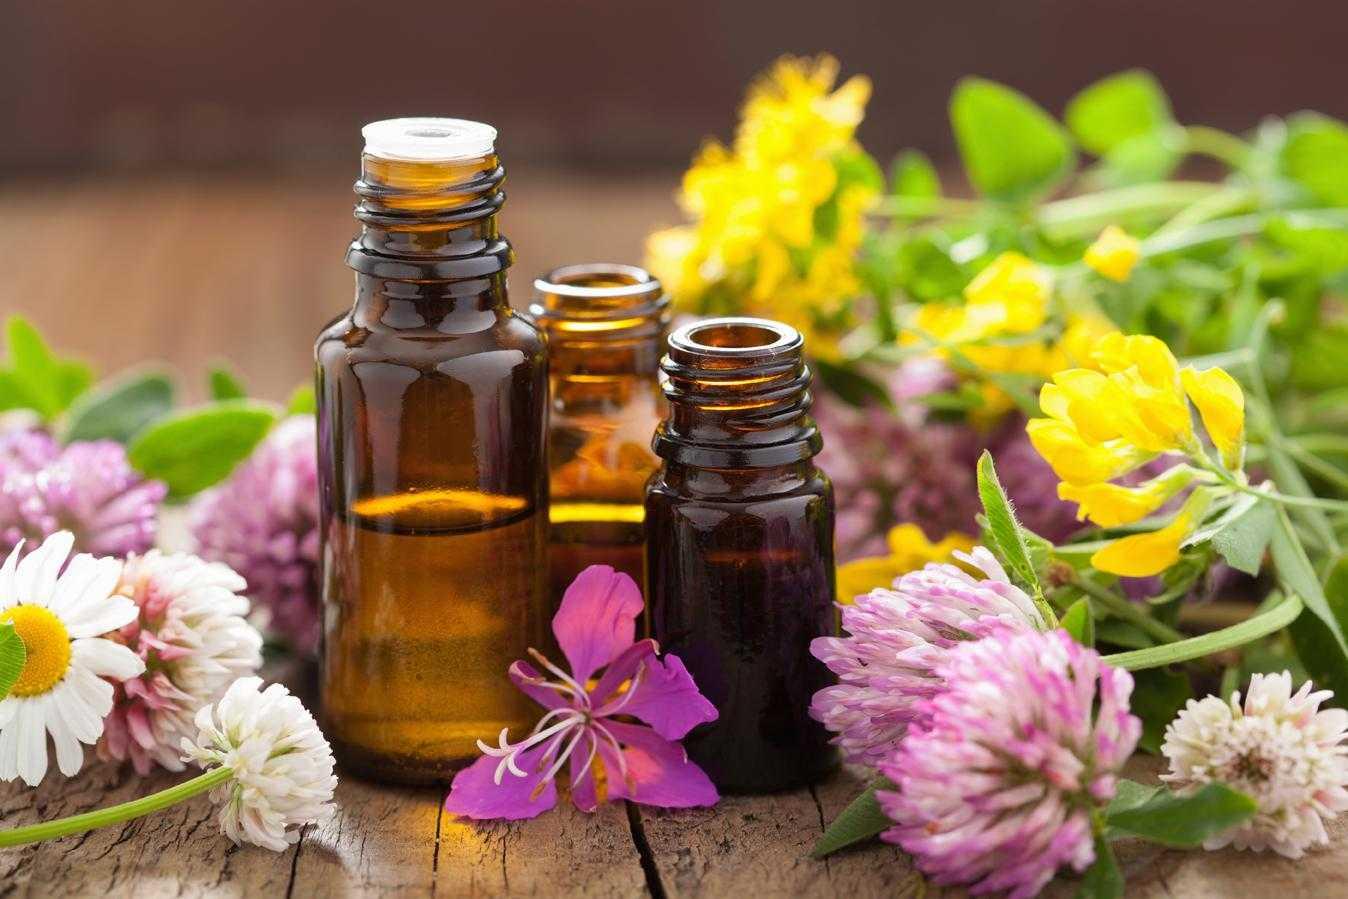 Ароматерапия: лечение эфирными маслами, показания, применение